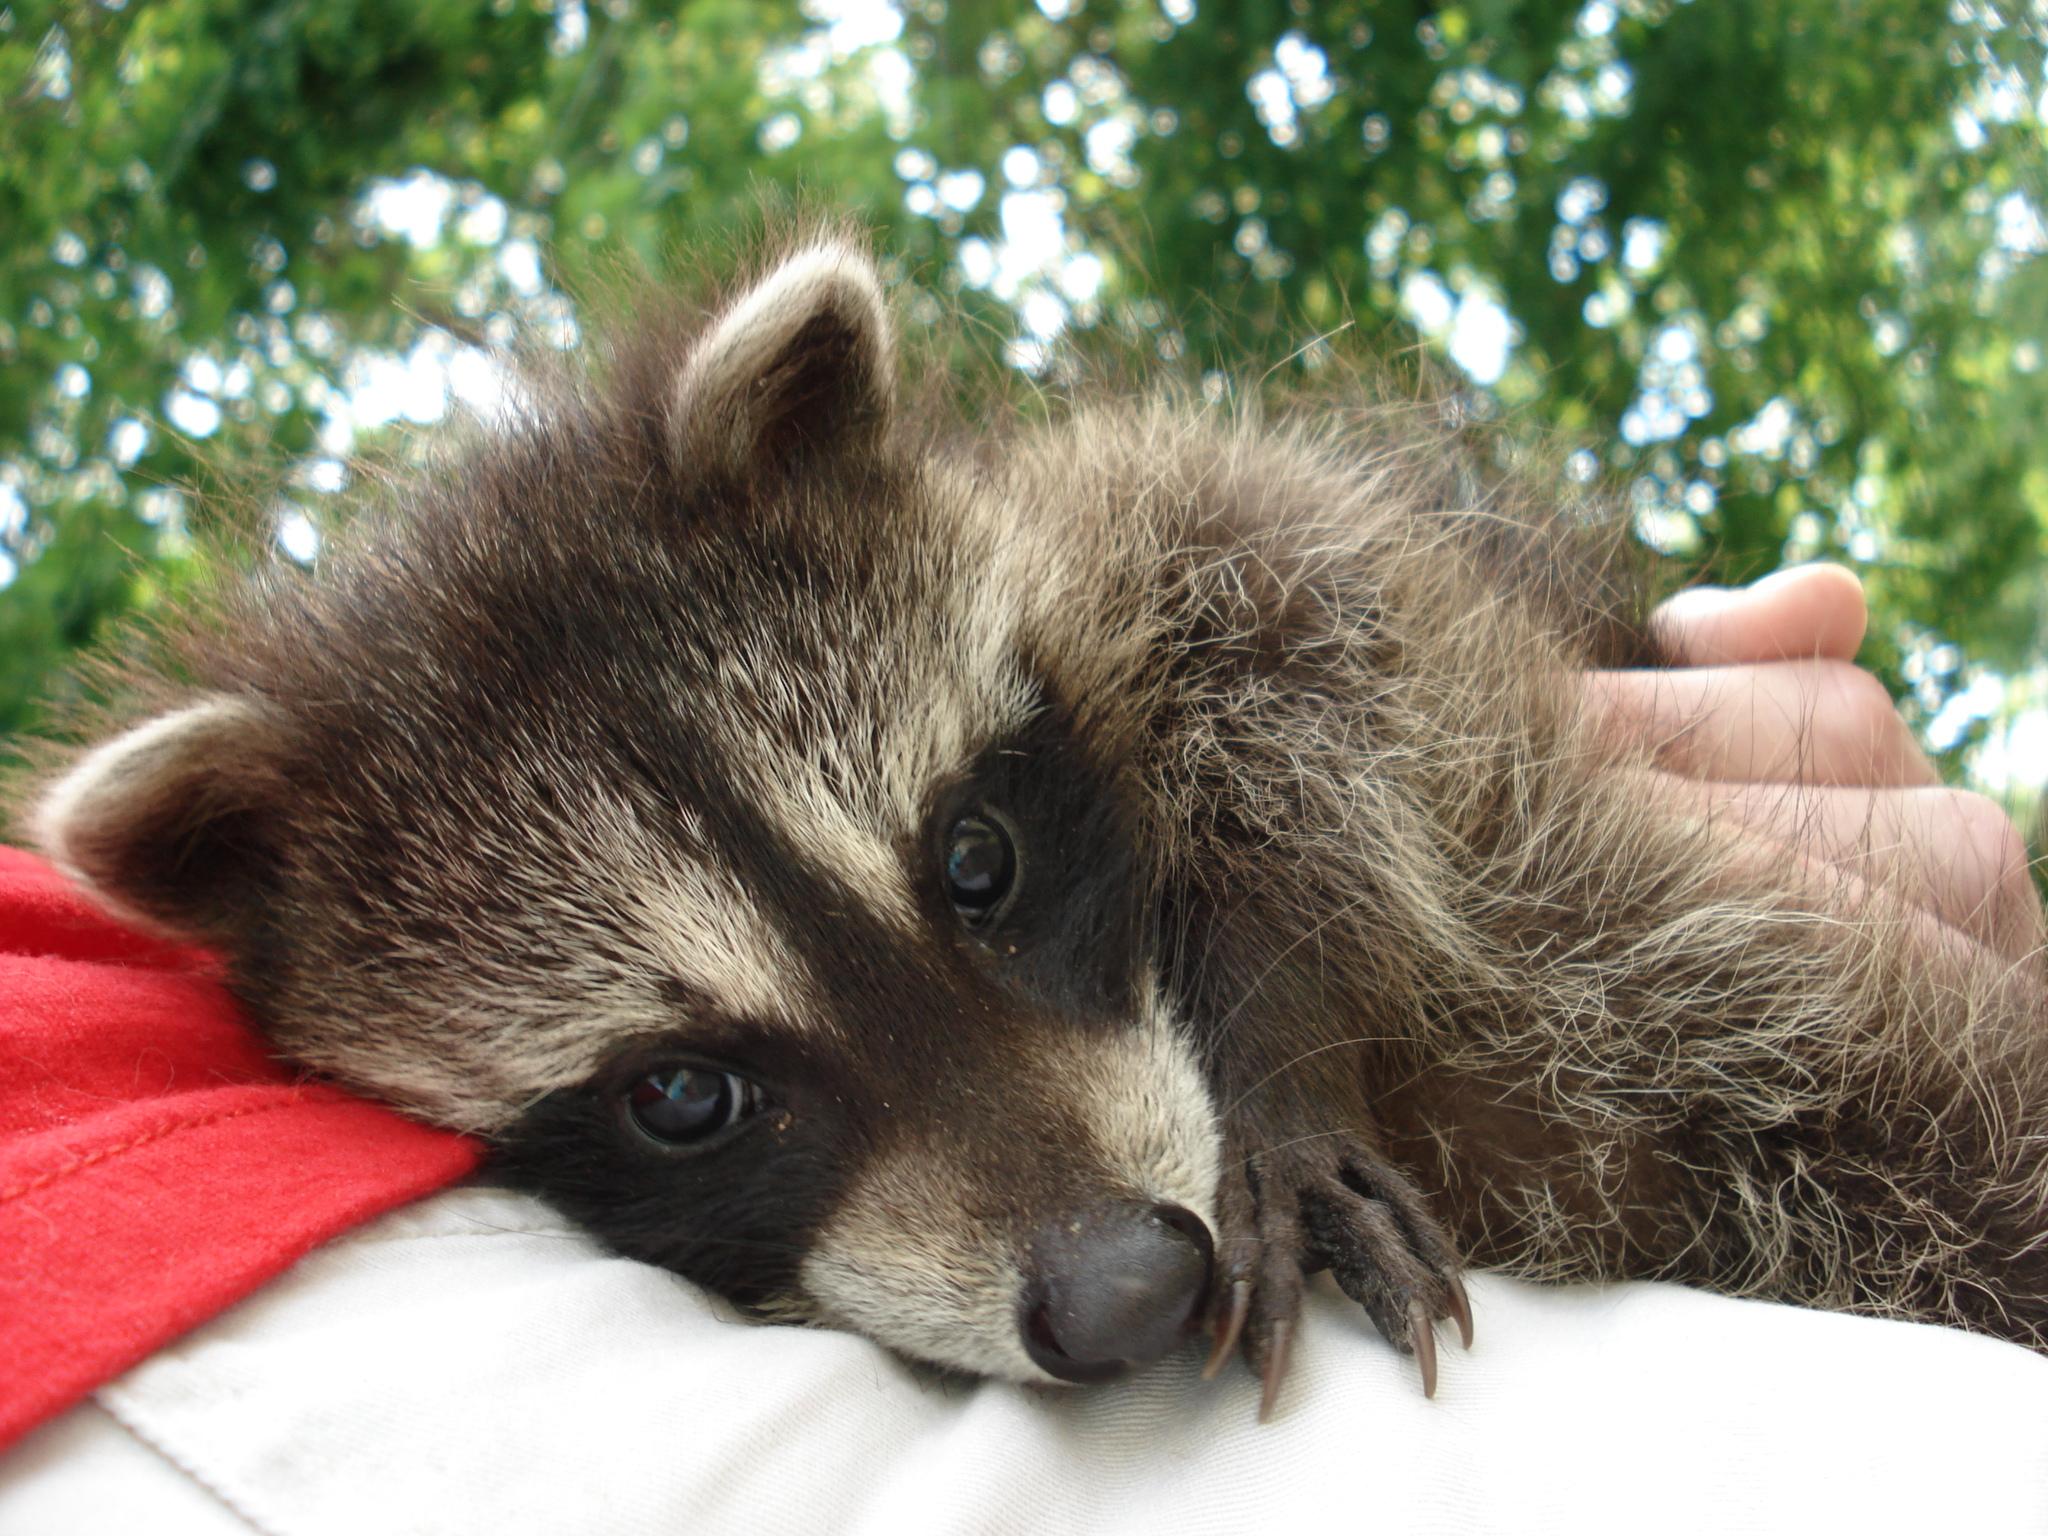 Výsledek obrázku pro baby raccoon